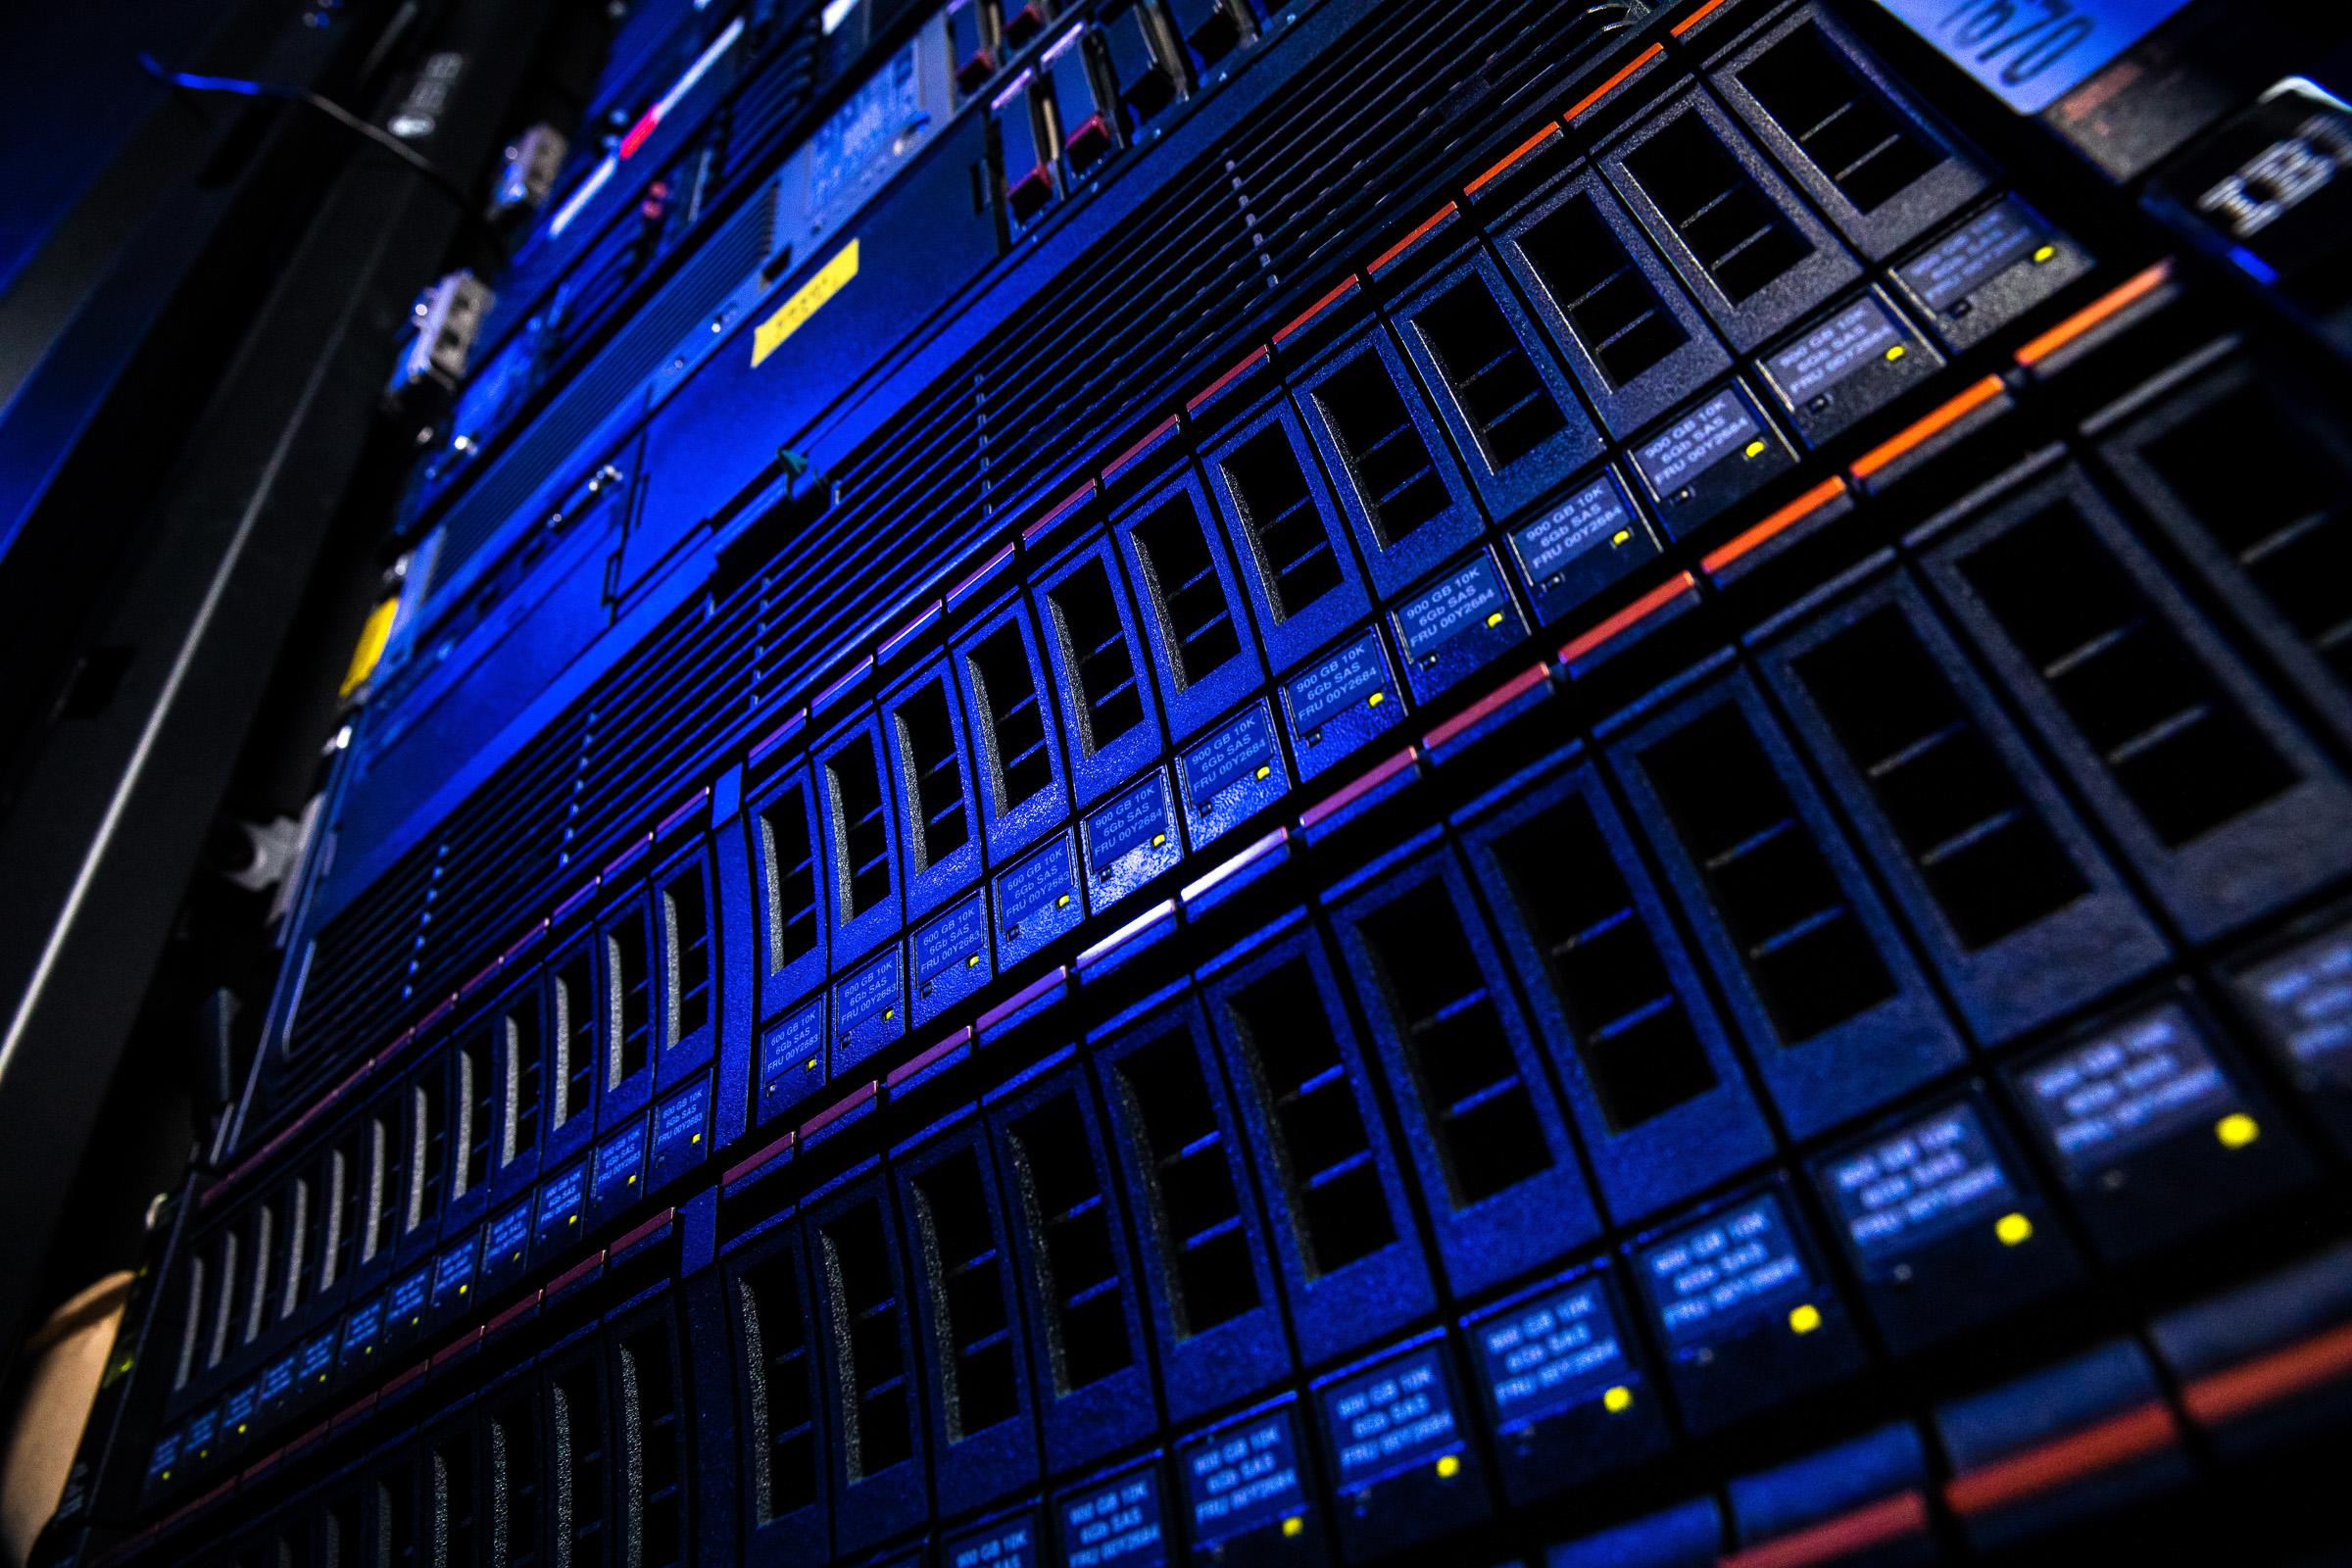 Podkarpackie. Inteligentna specjalizacja: Informacja i telekomunikacja (ICT). Serwery i infrastruktura IT. fot. Tadeusz Poźniak